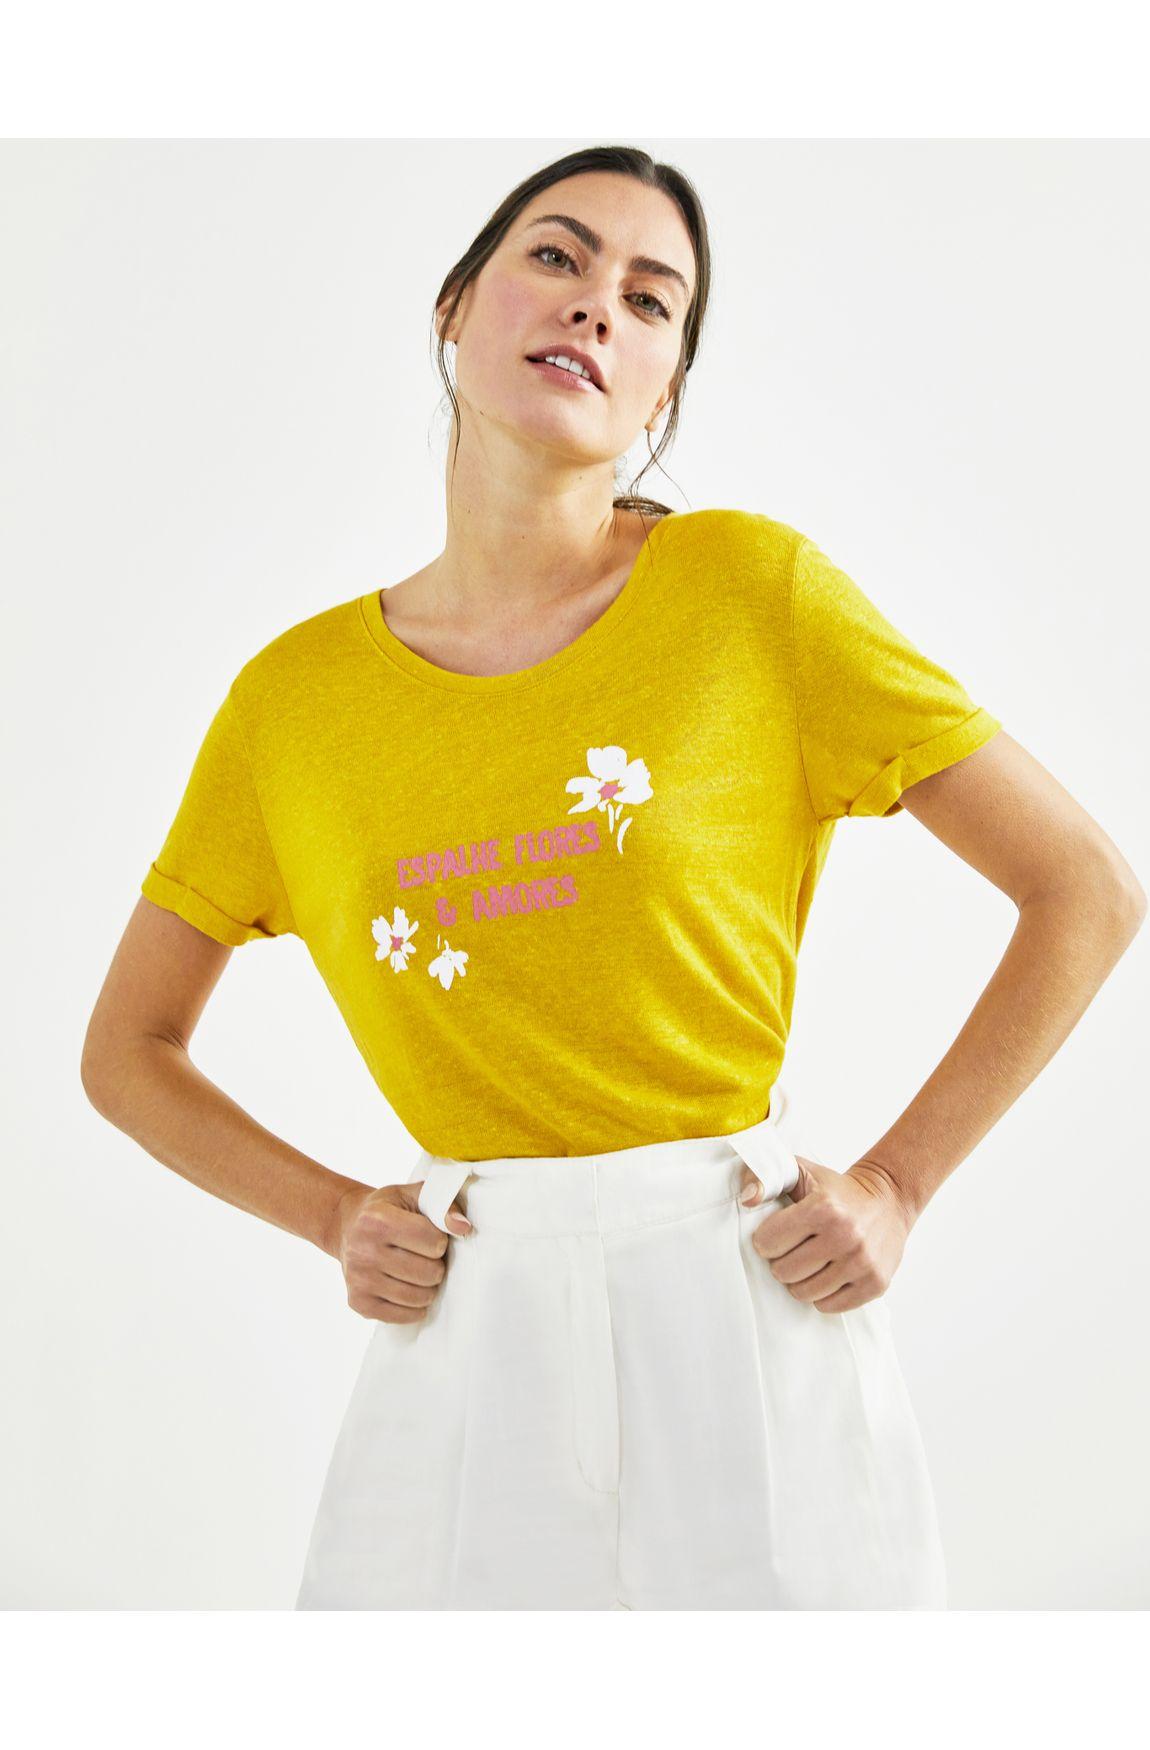 T-shirt espalhe flores e amores